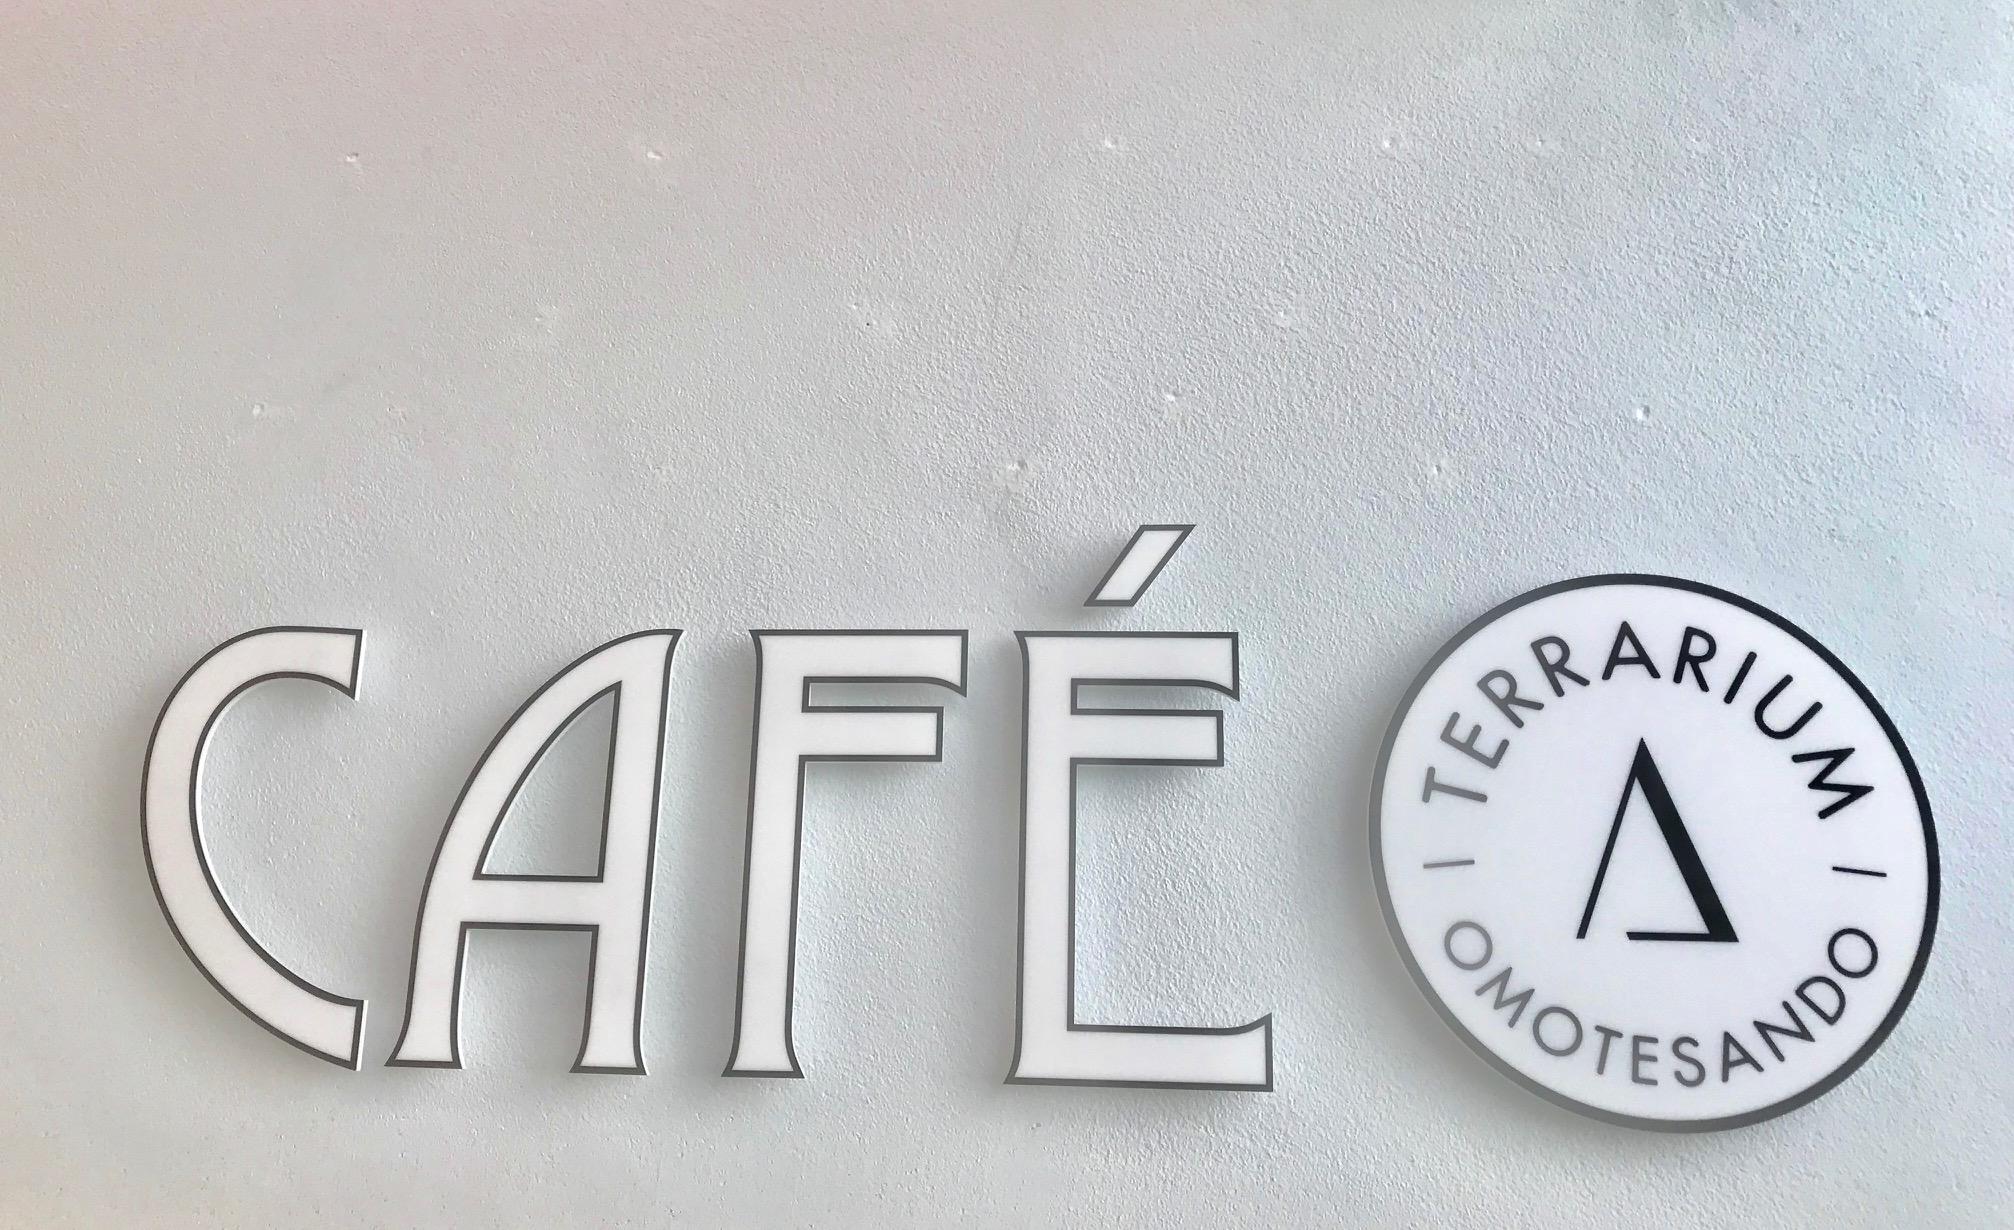 【アンバサダーブログvol.73 】テラリウムカフェで五感を癒す